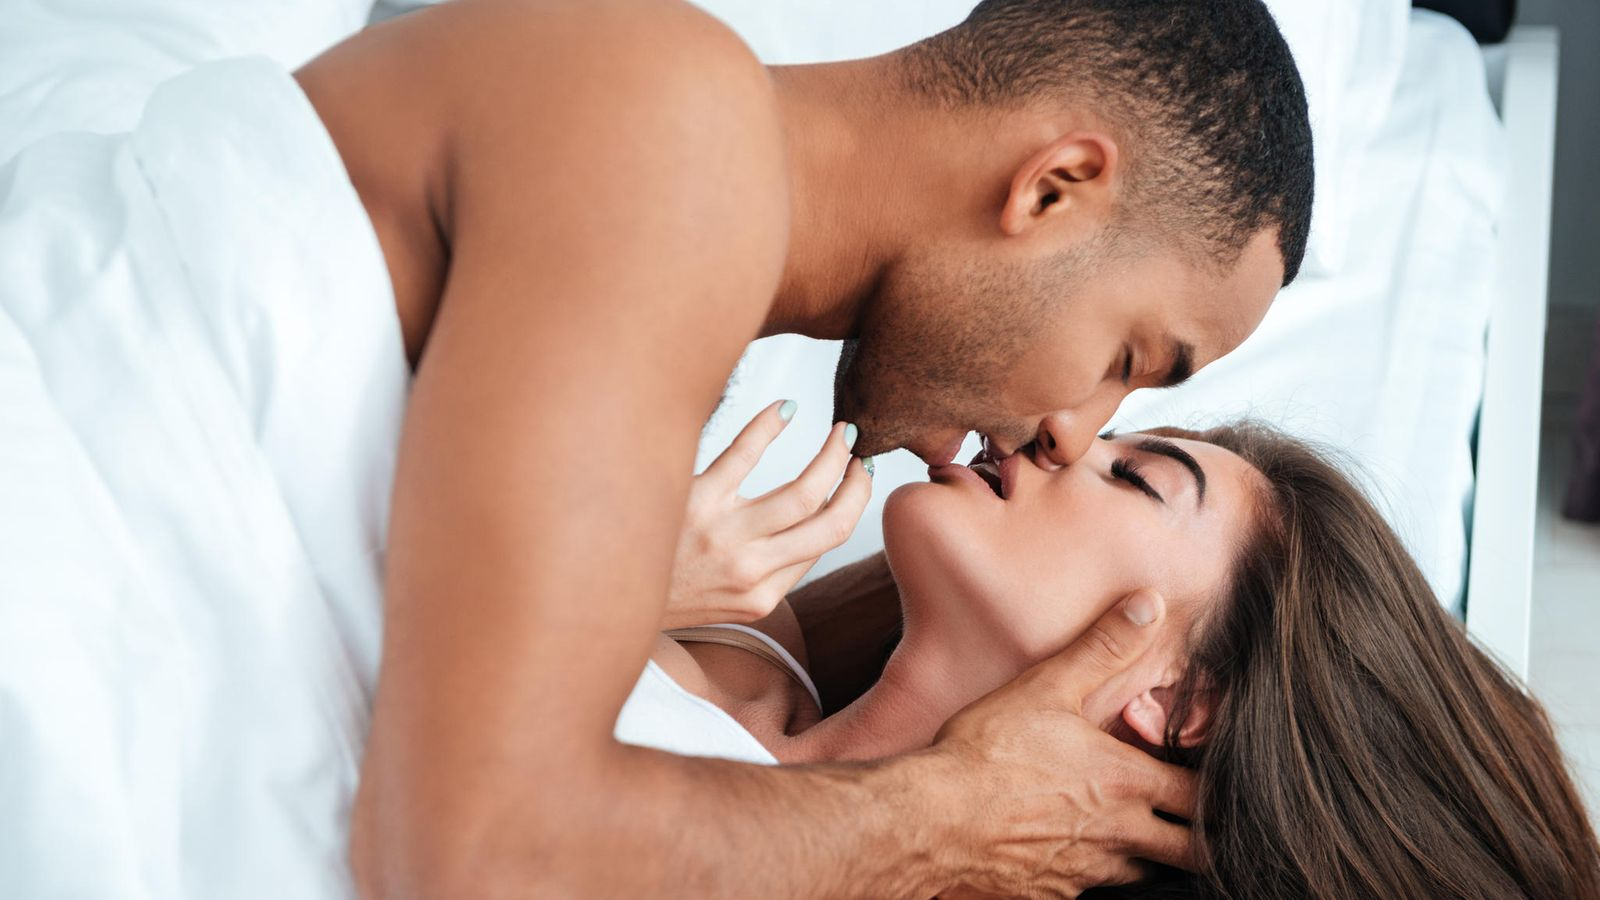 Смотреть что нибудь про секс, Секс видео туб: смотреть бесплатное порно видео 19 фотография